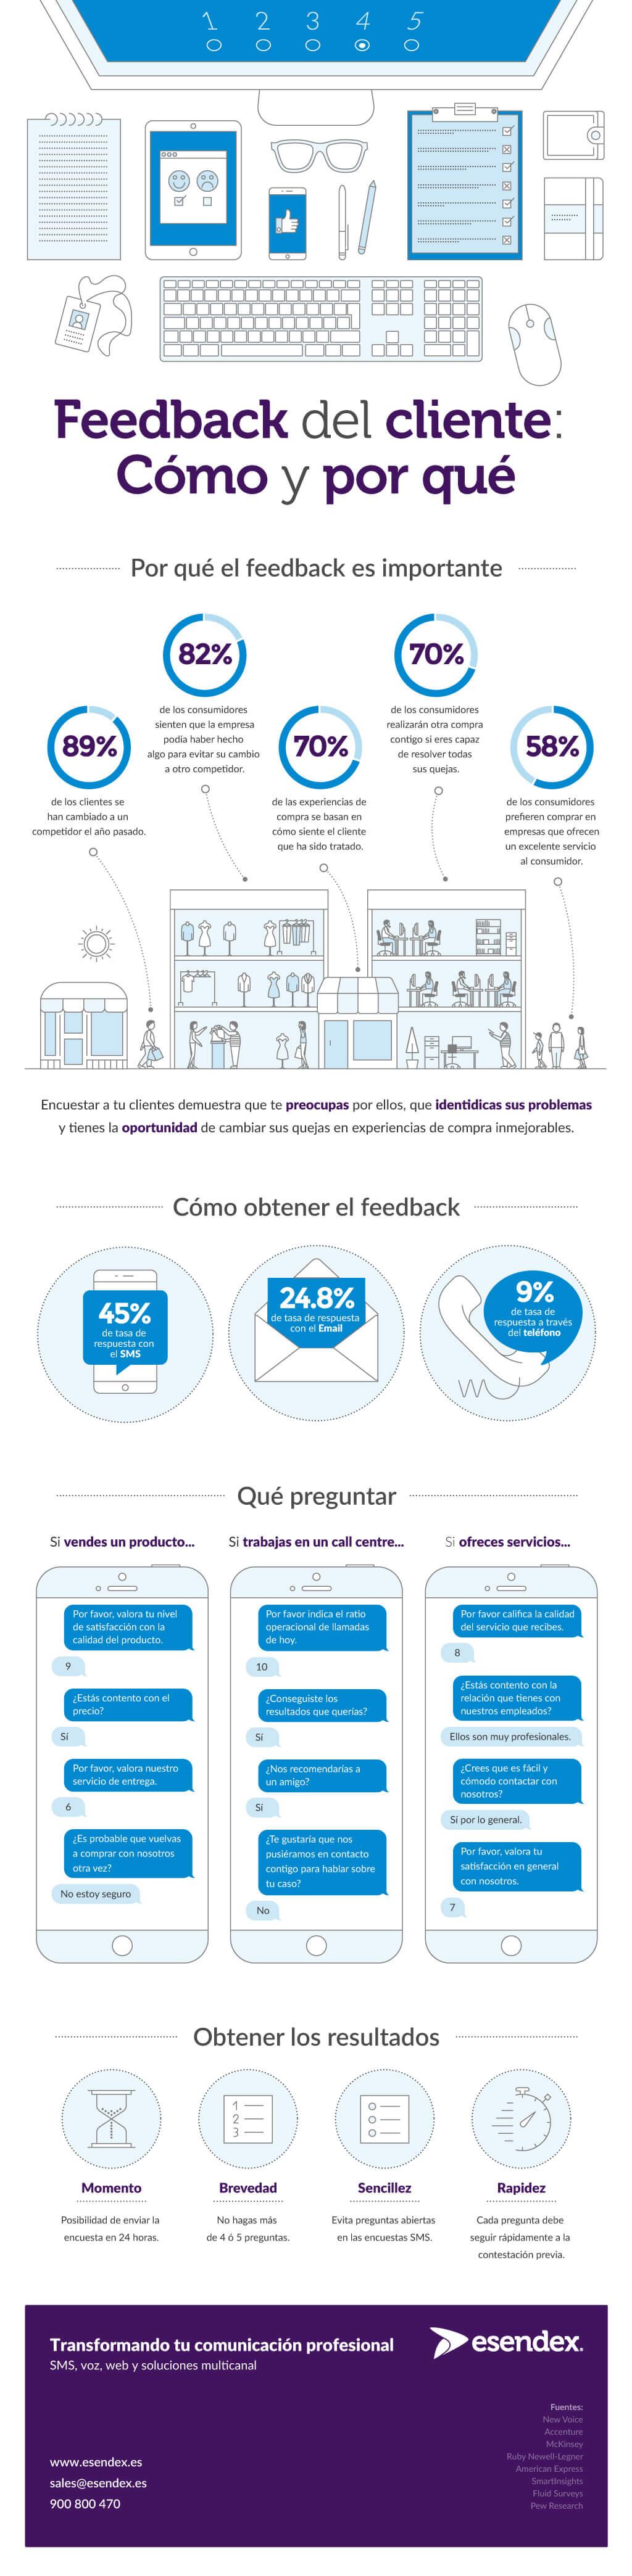 Infográfico Encuestas SMS